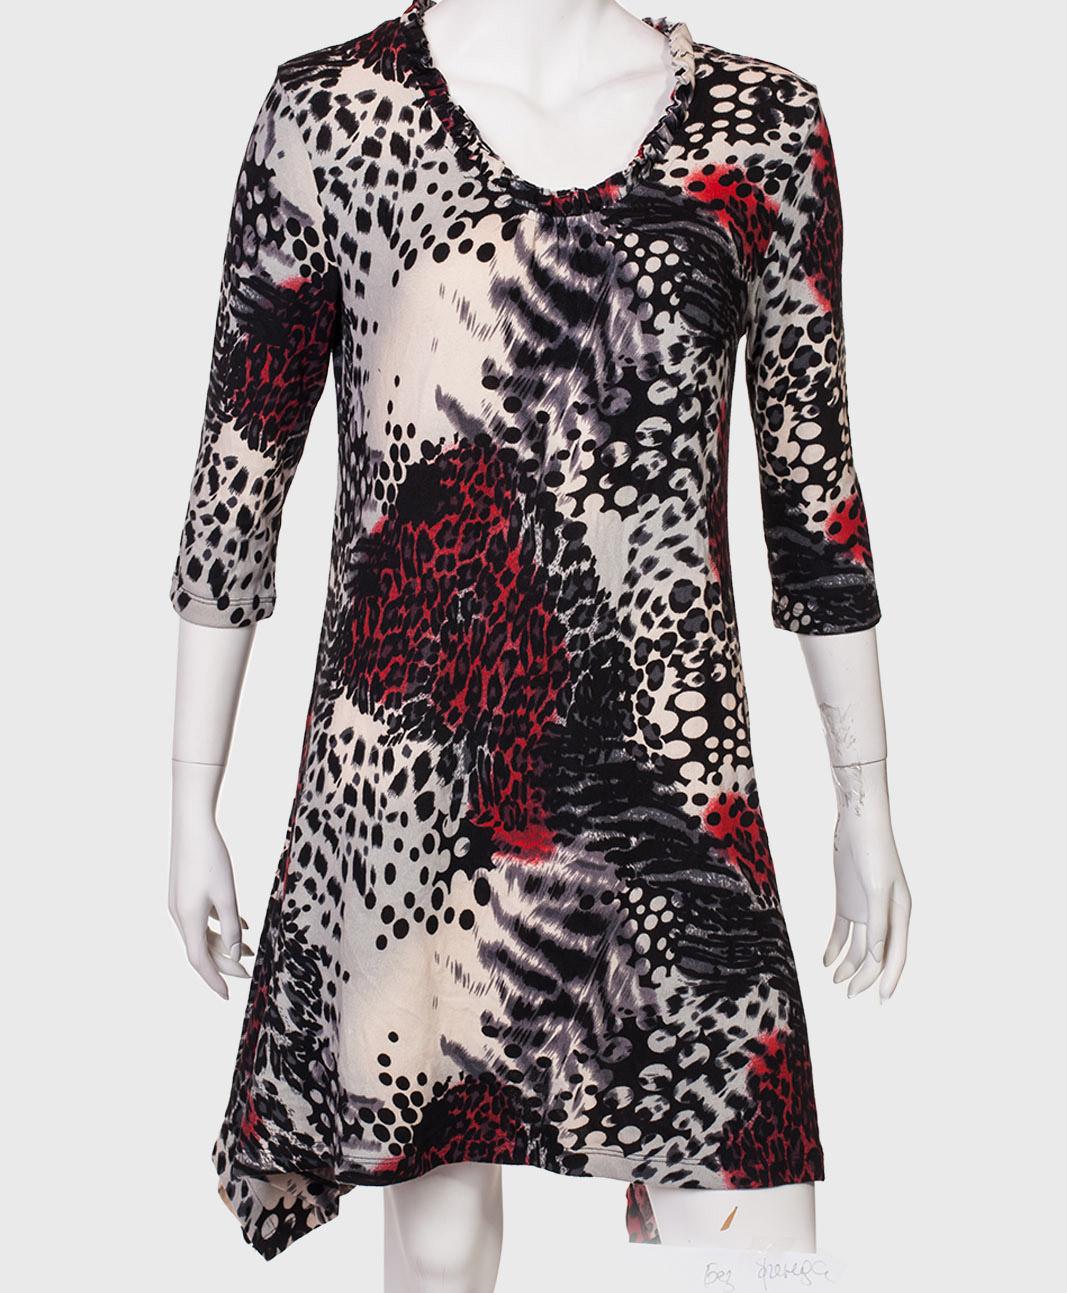 Женское платье с агрессивным звериным принтом